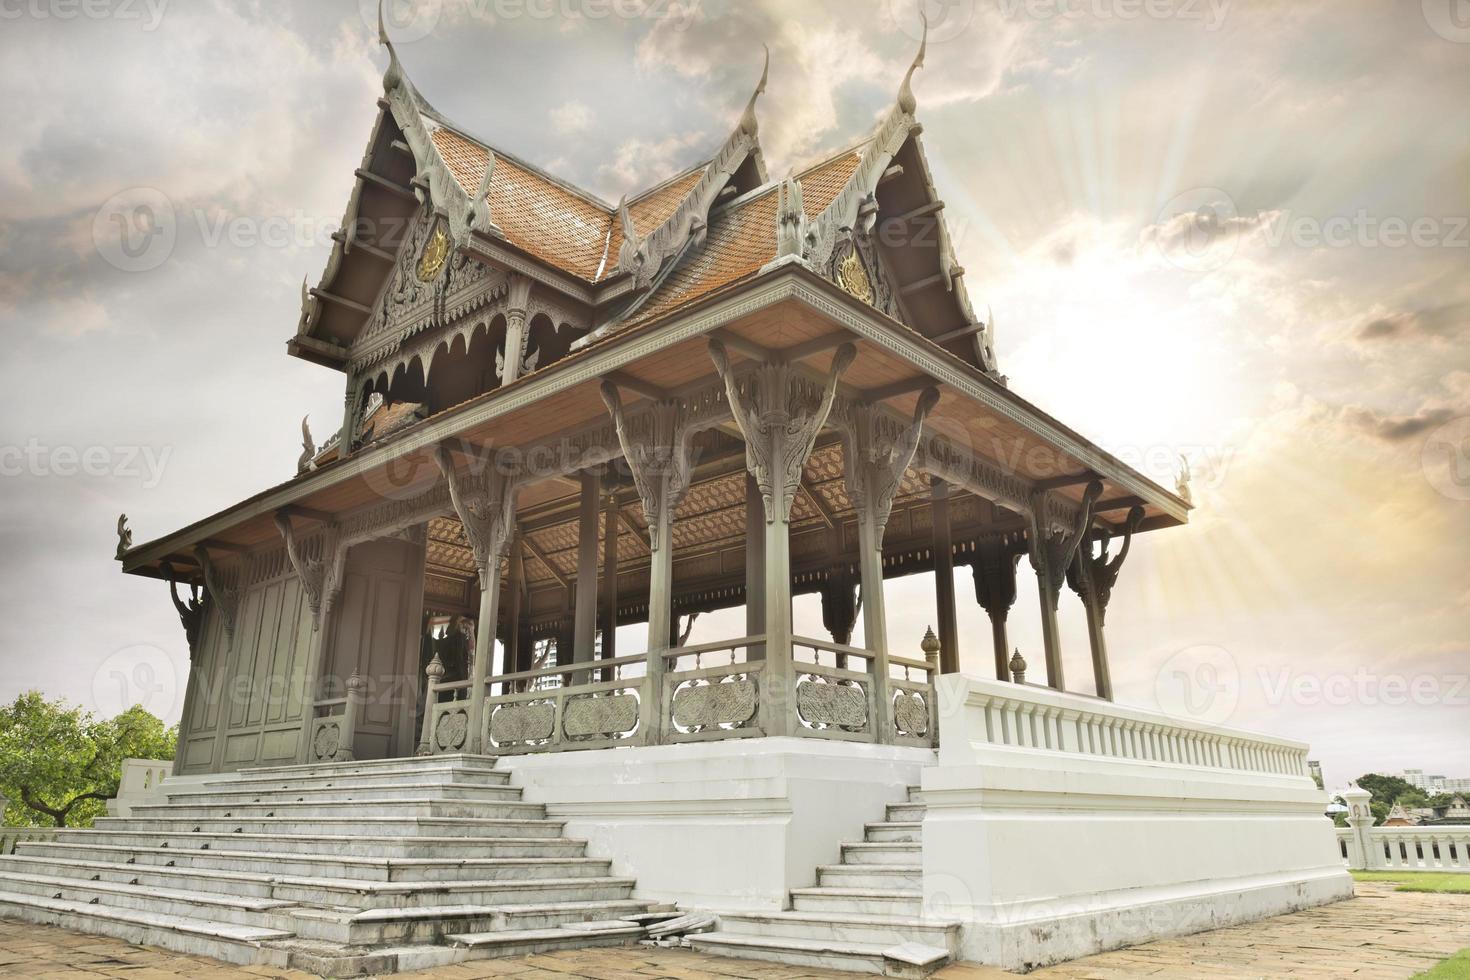 palazzo reale tailandese antico in giardino foto